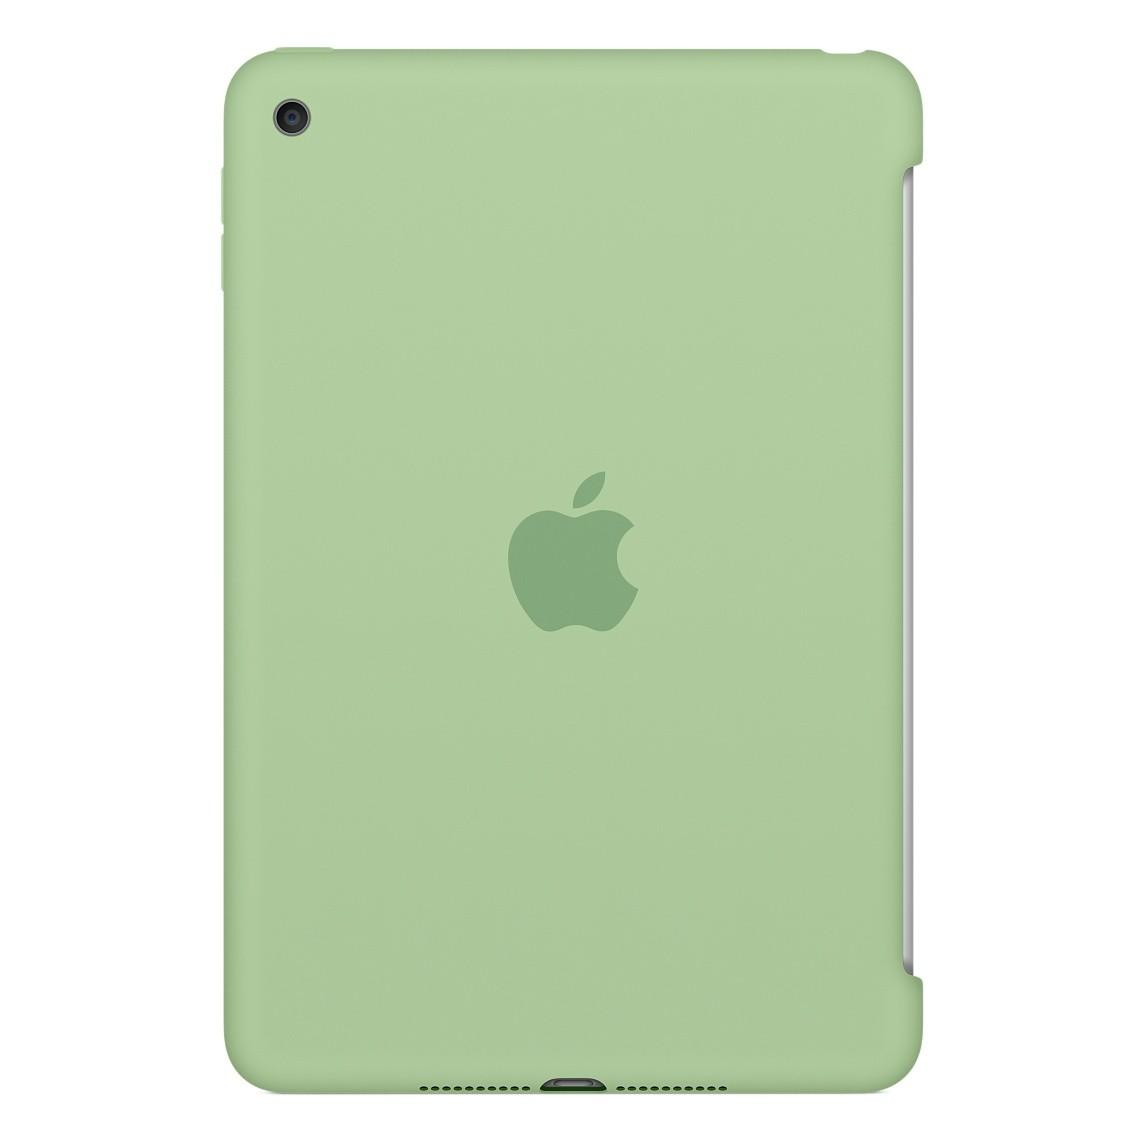 Silikonové pouzdro na iPad mini 4 - mátově zelené